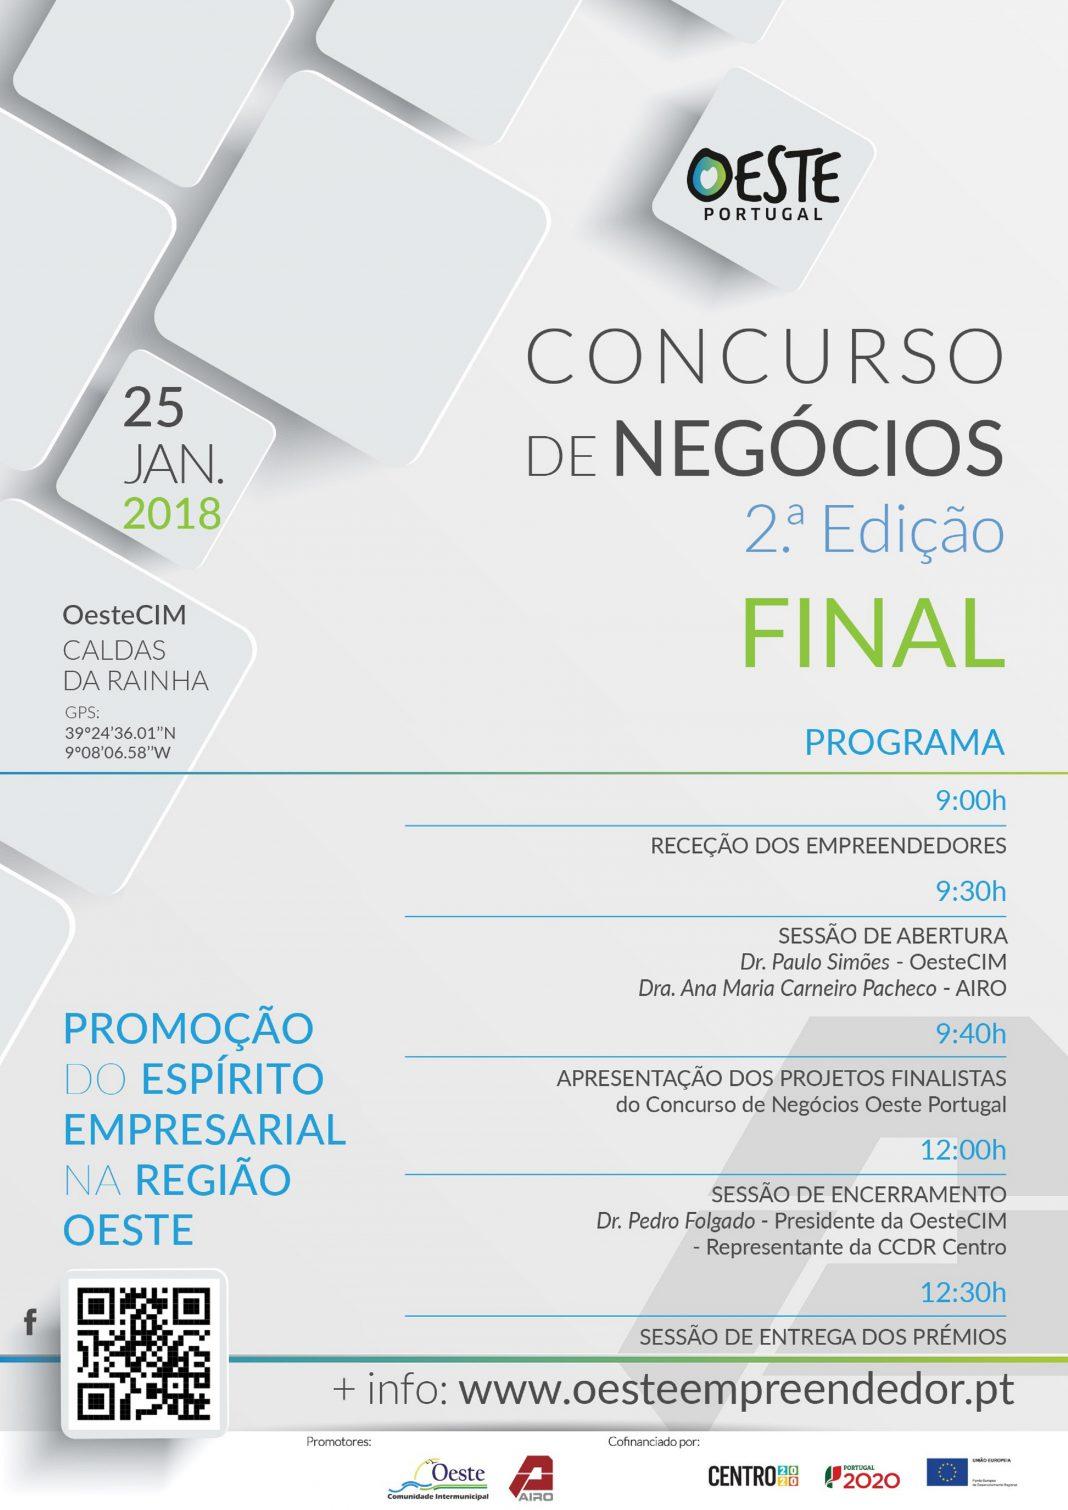 ConcursoNegociosCartaz